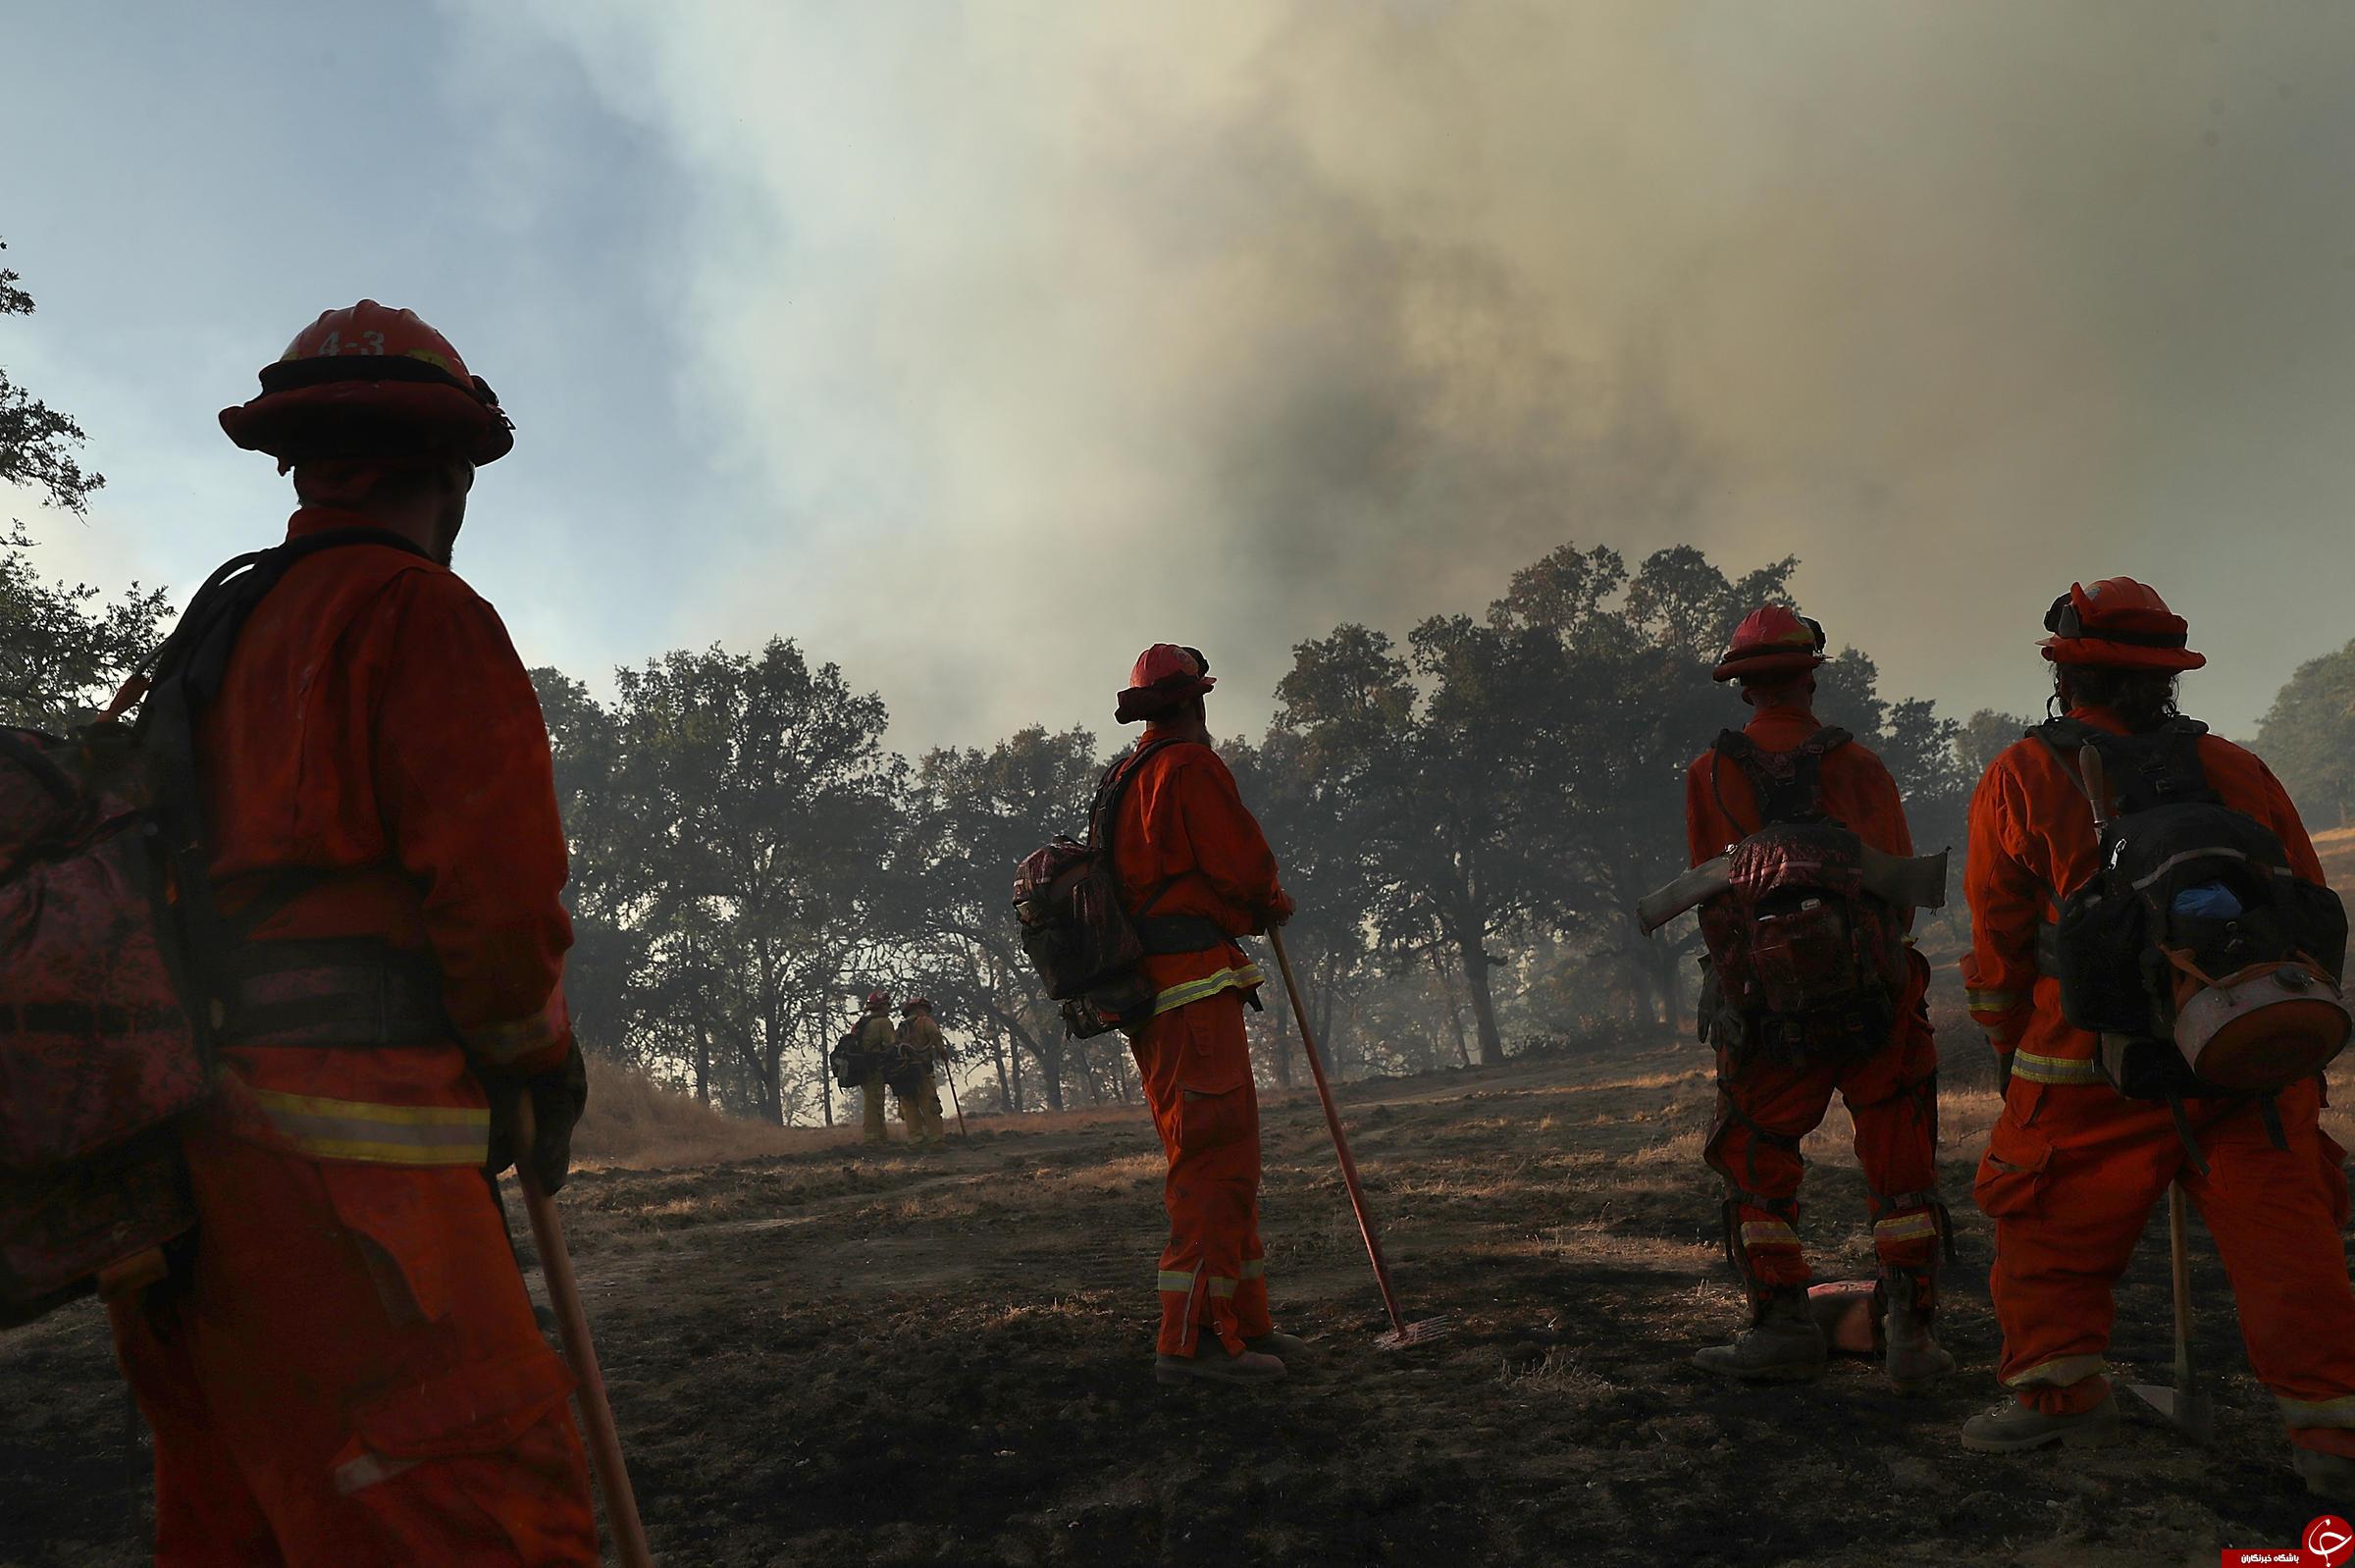 دوزخ در کالیفرنیا؛ بزرگترین آتش سوزی تاریخ آمریکا+ تصاویر